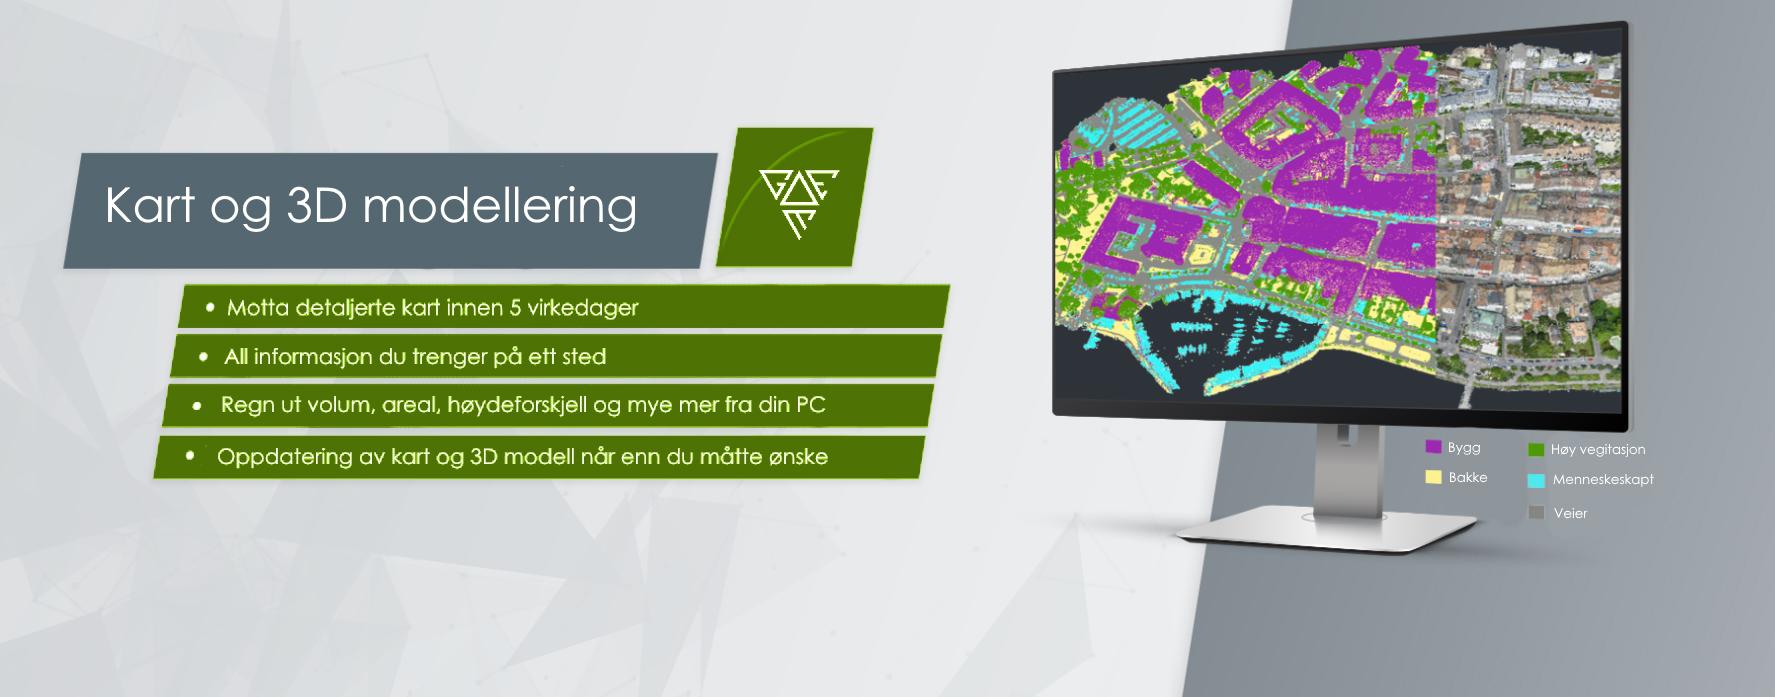 Kart og 3d modellering ny.jpg